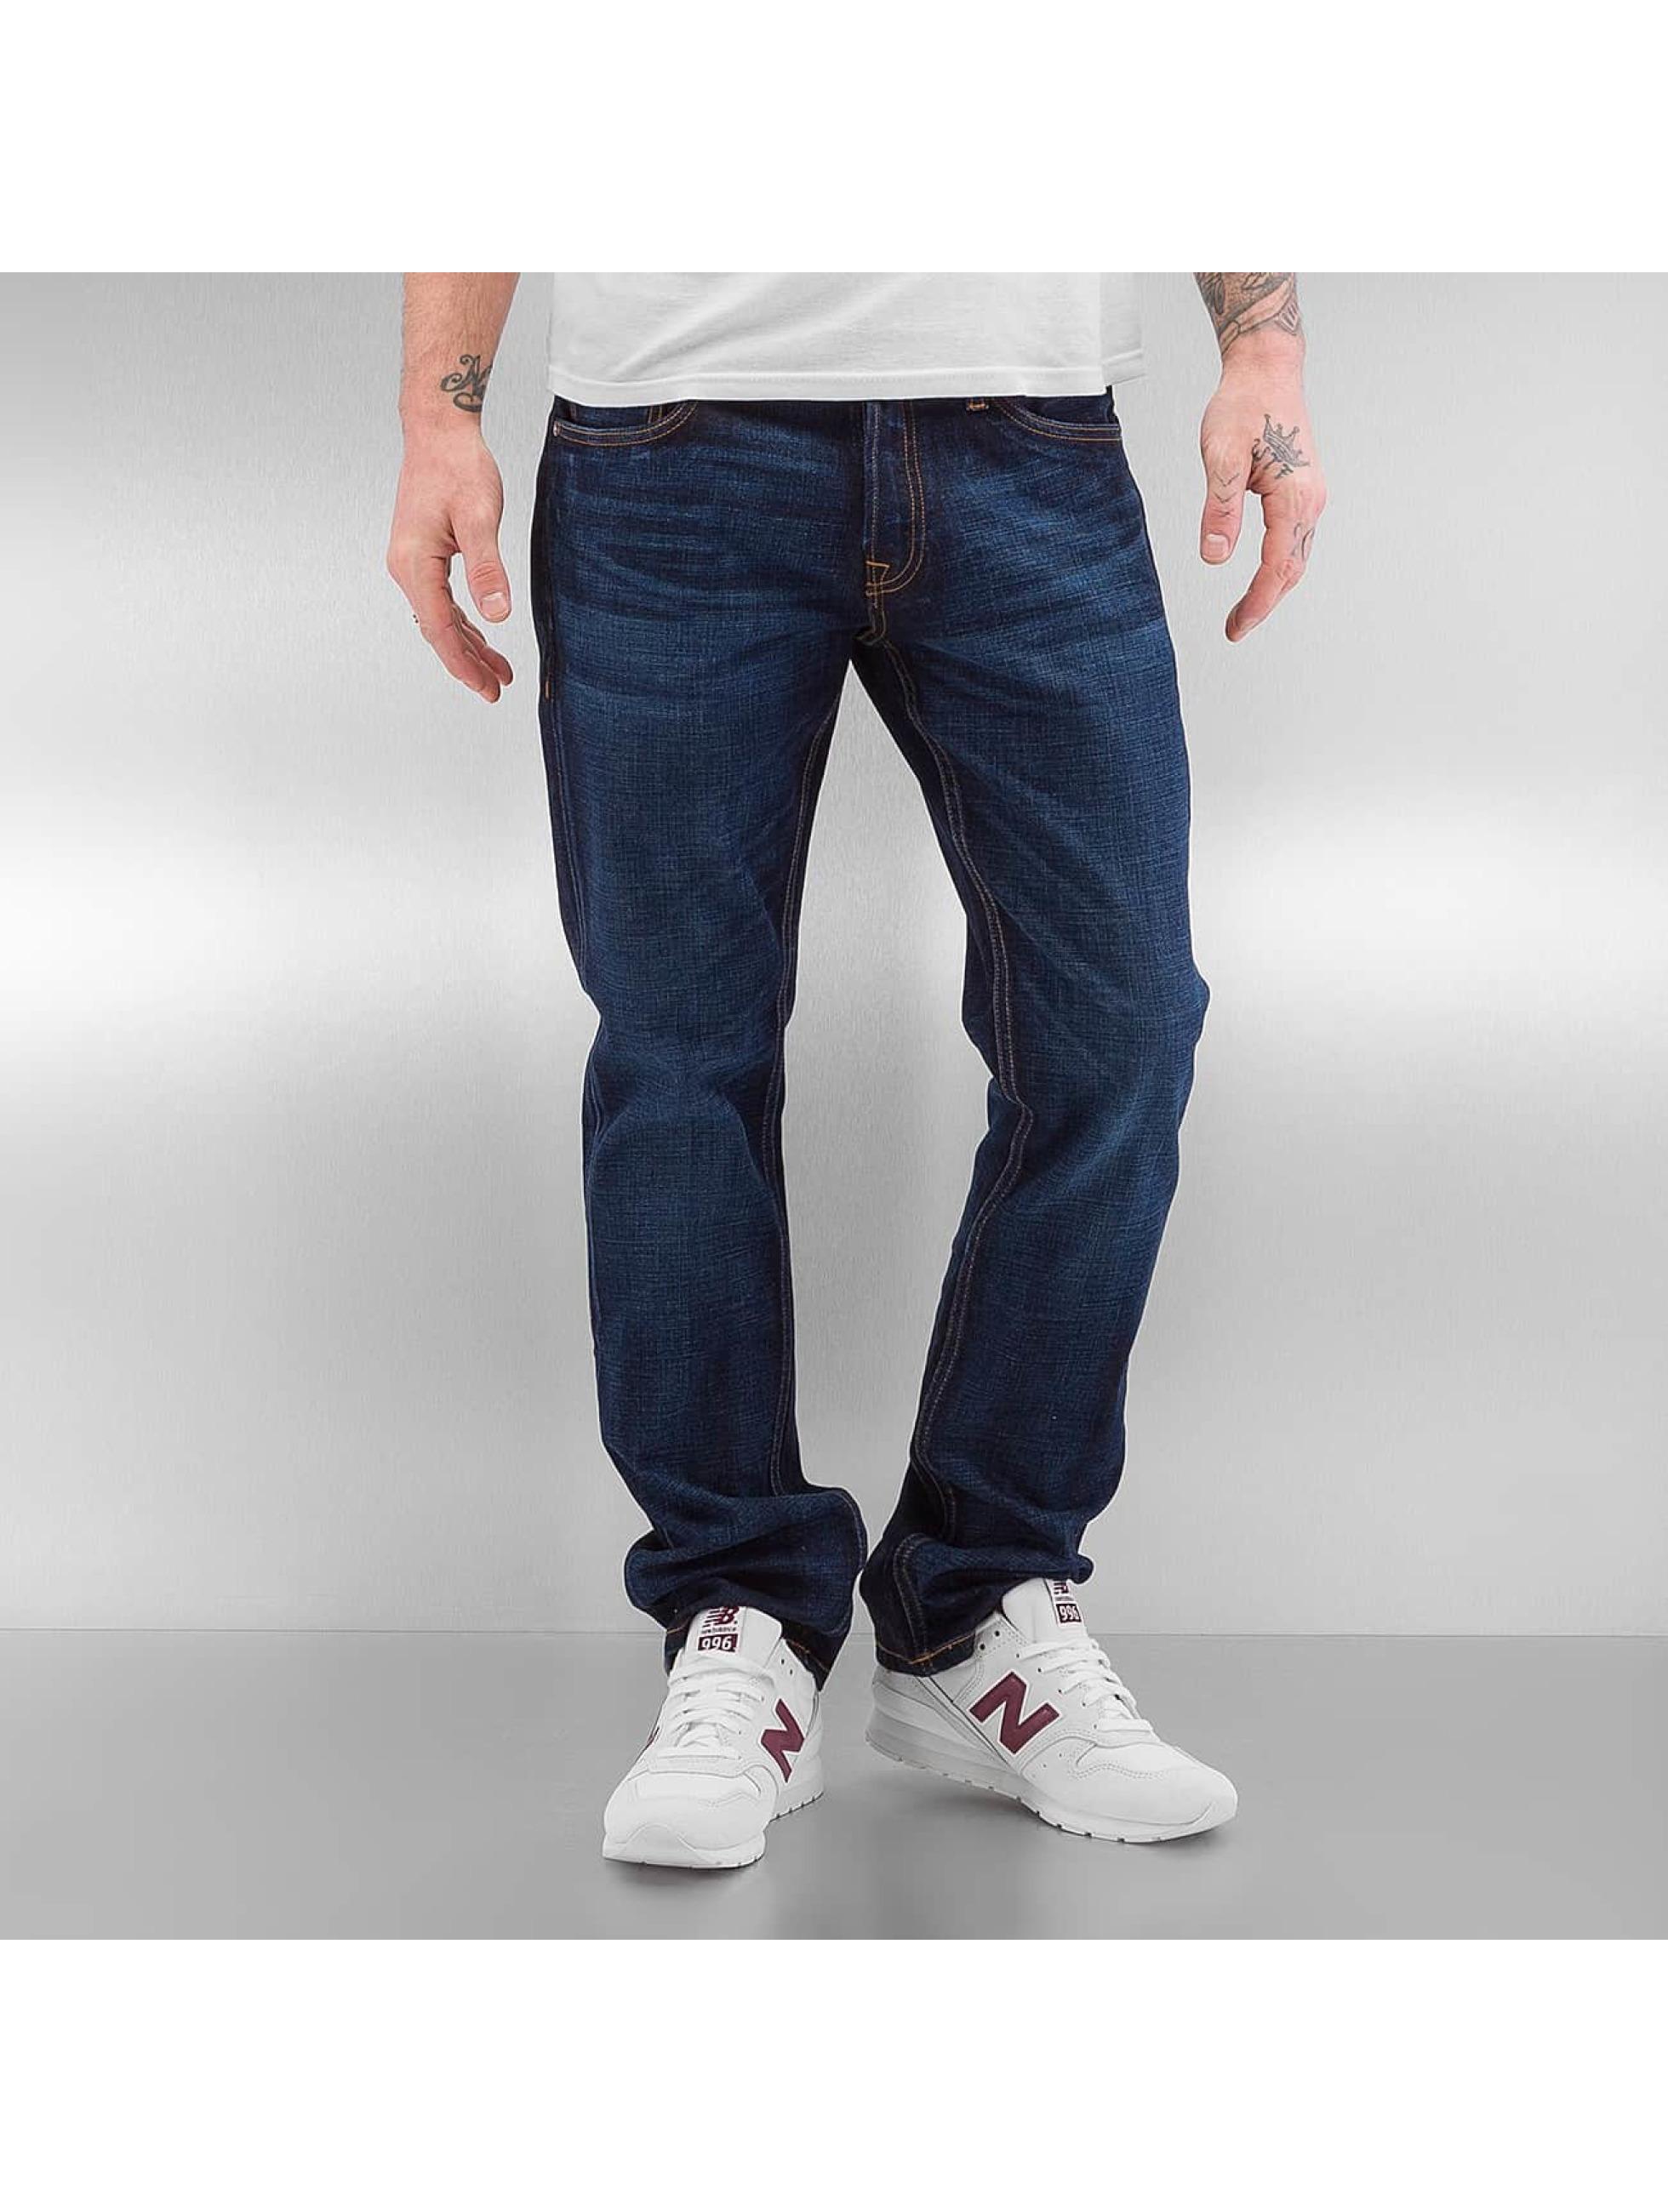 Jack & Jones Männer Straight Fit Jeans jjiClark jjOriginal in blau